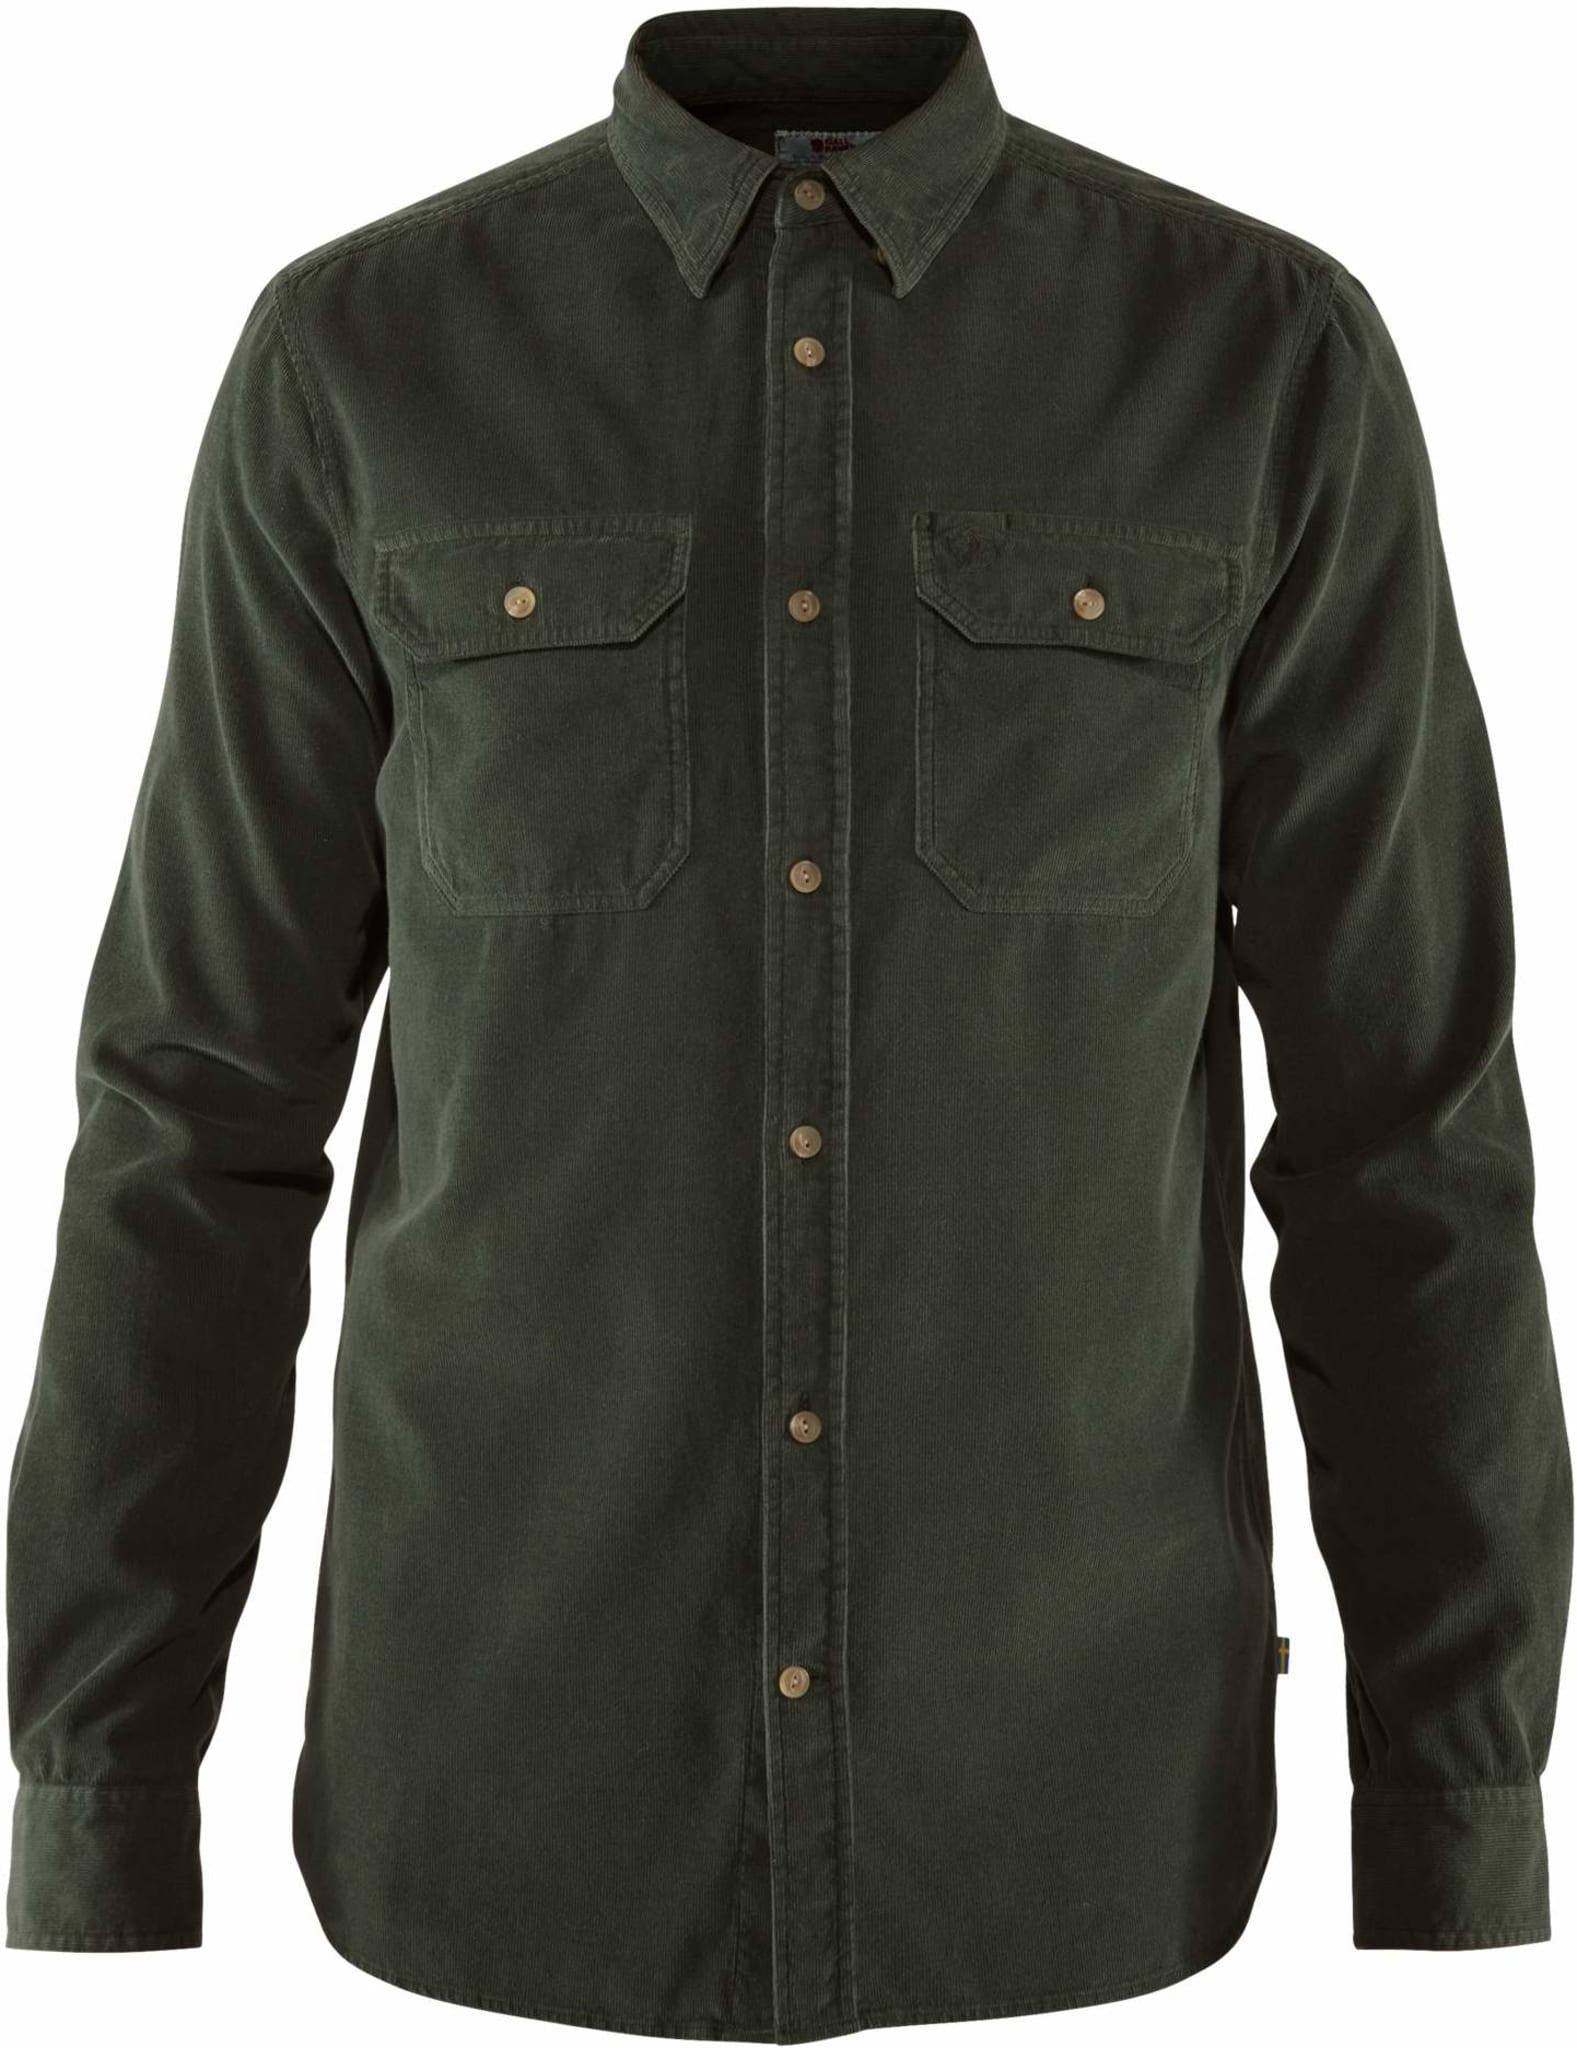 Deilig kordfløyelskjorte i økologisk bomull